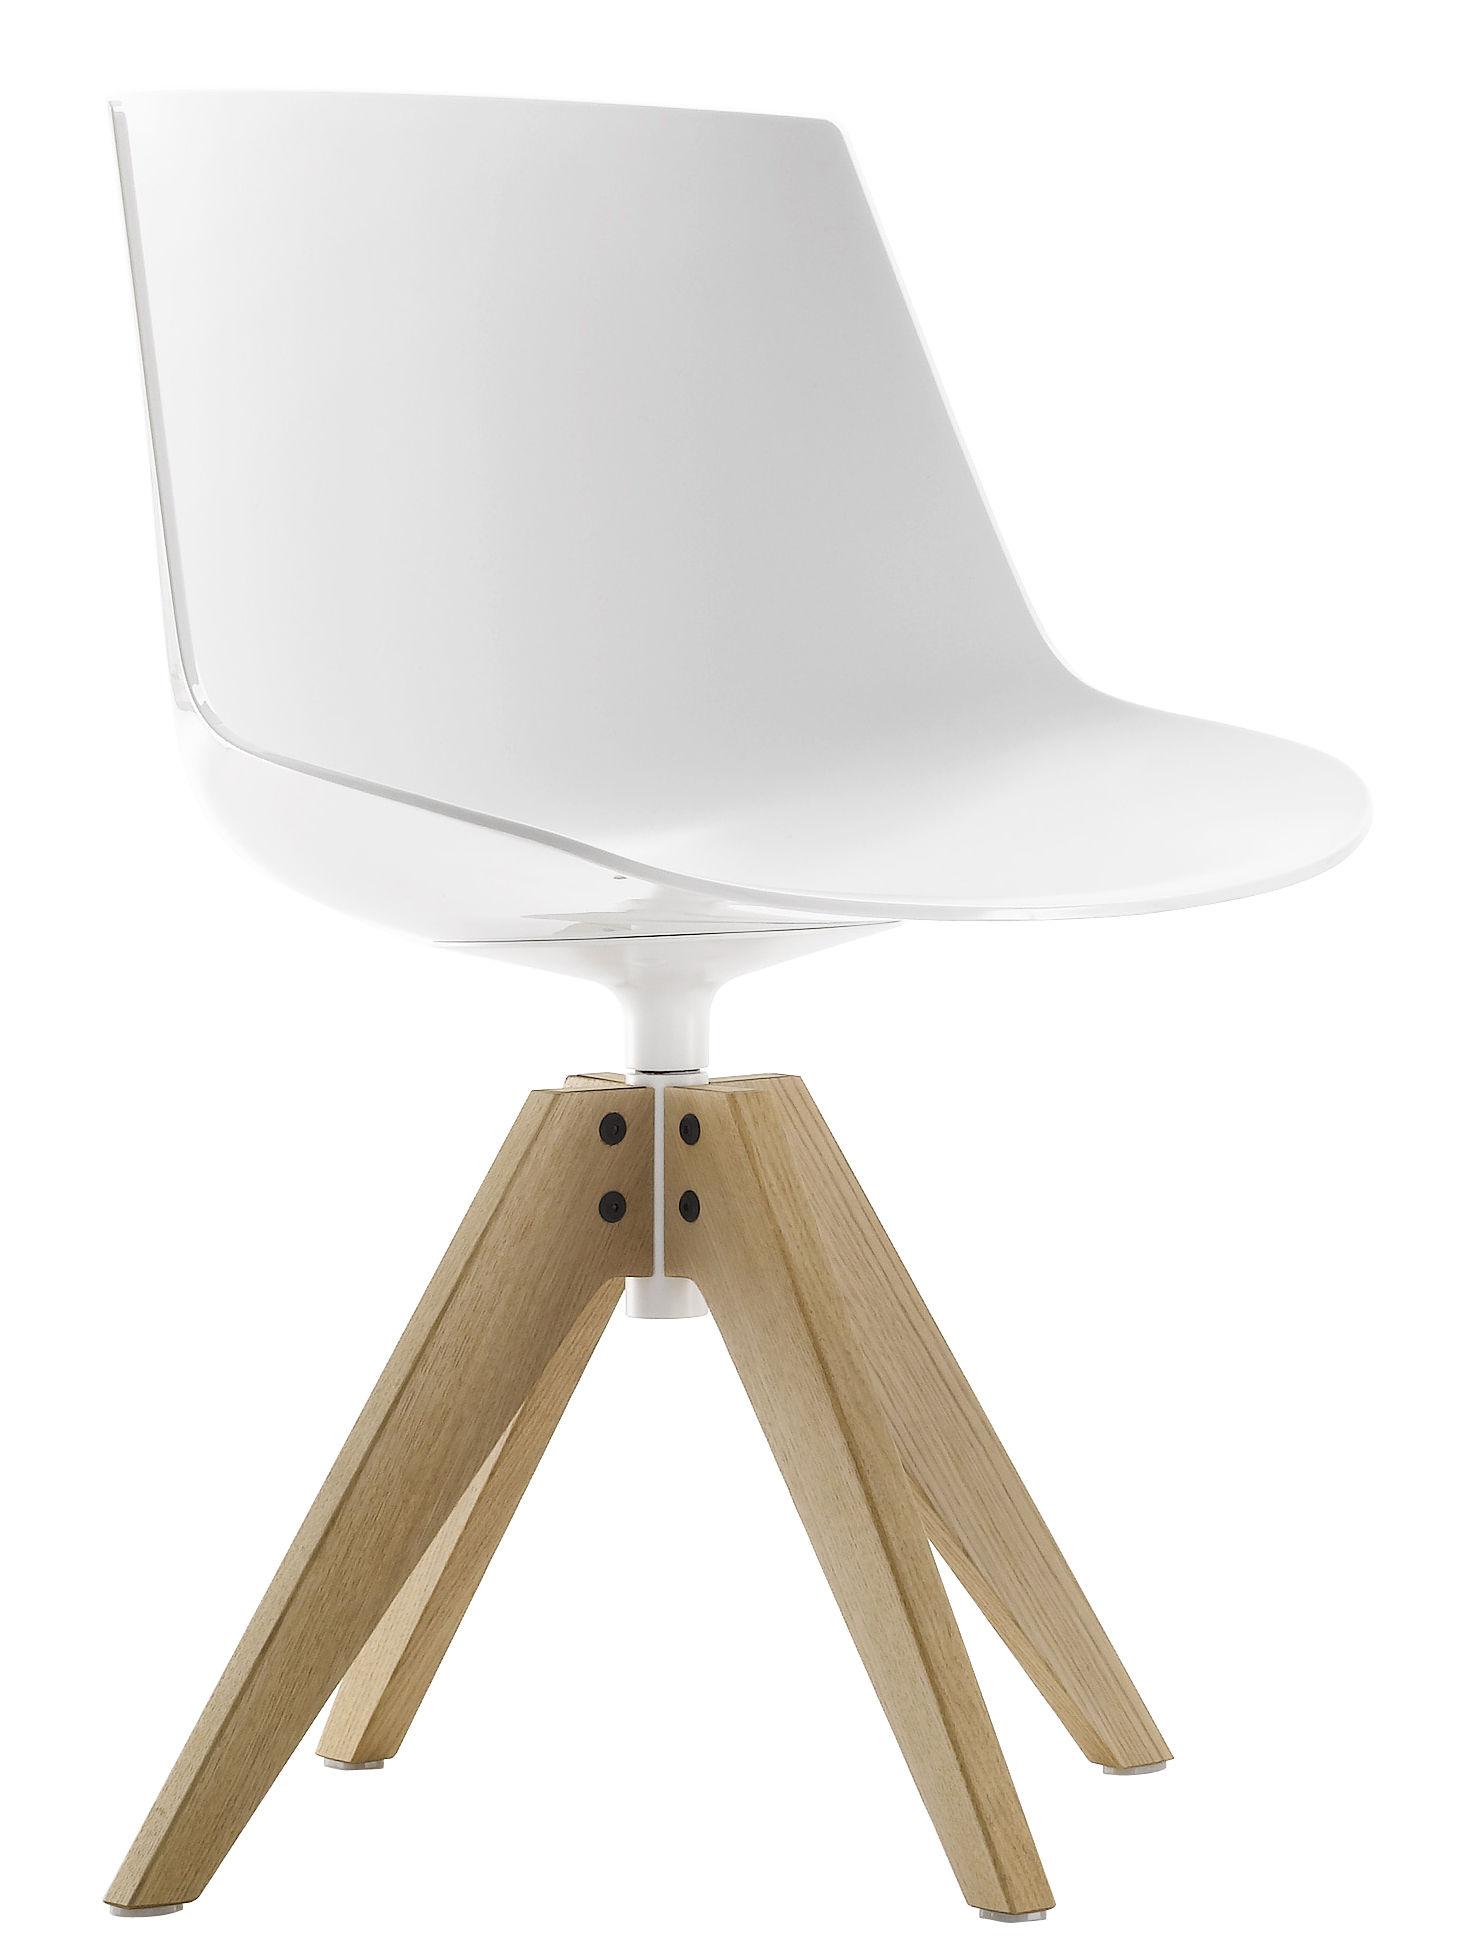 Mobilier - Chaises, fauteuils de salle à manger - Chaise pivotante Flow / 4 pieds VN chêne - MDF Italia - Blanc / Piètement chêne - Chêne massif, Polycarbonate